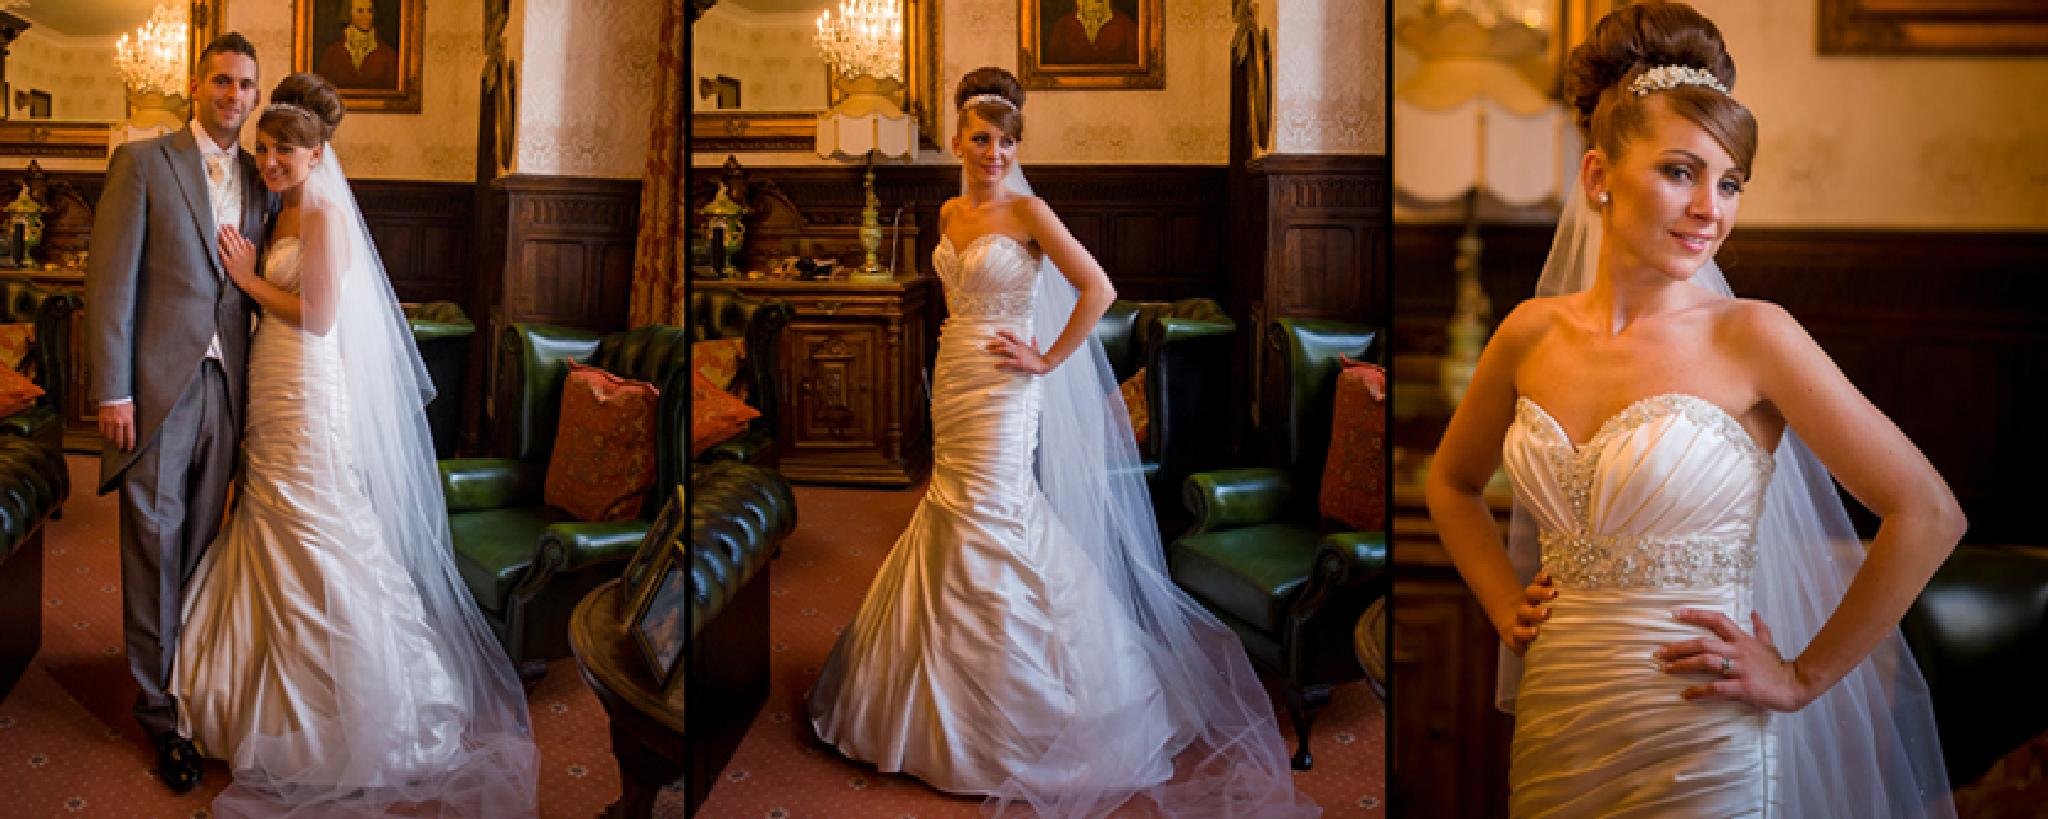 Bride Groom  by aledoldfield